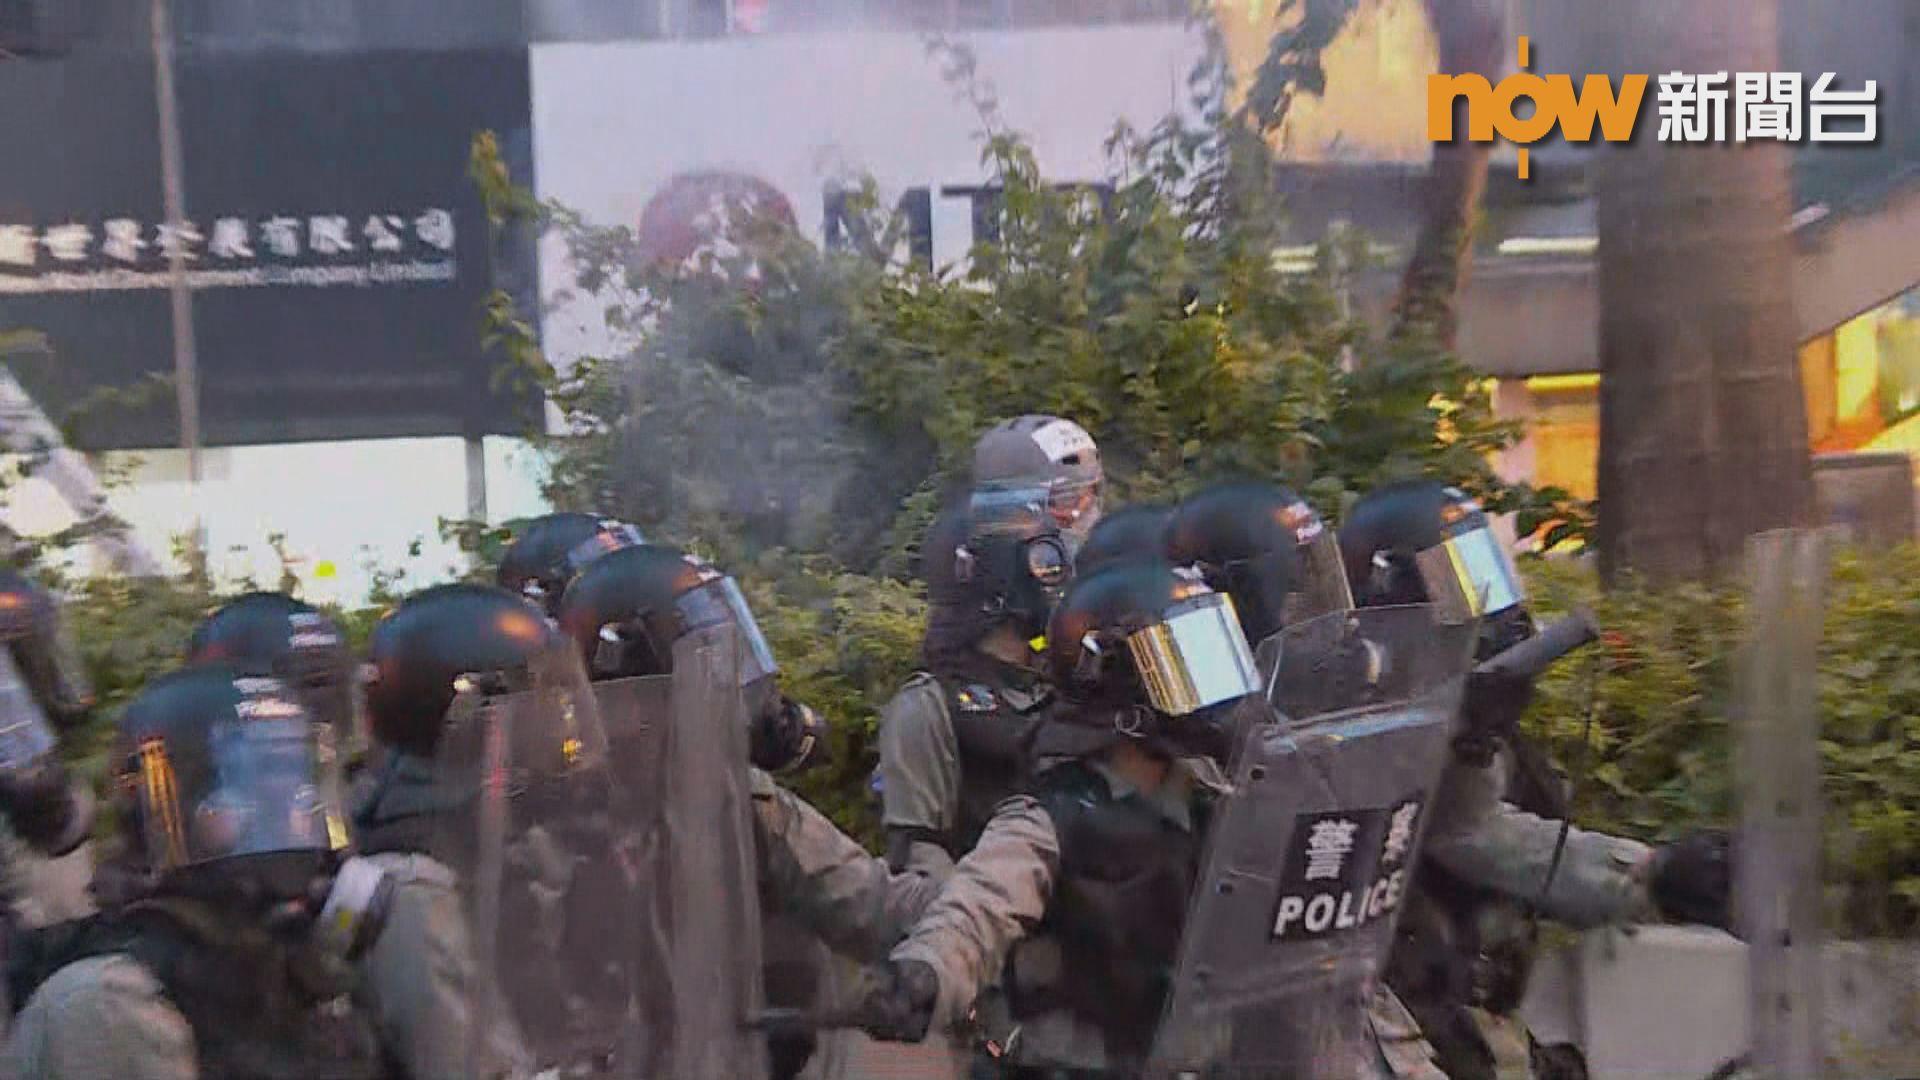 警方譴責多區暴力行為 拘16人涉非法集結等